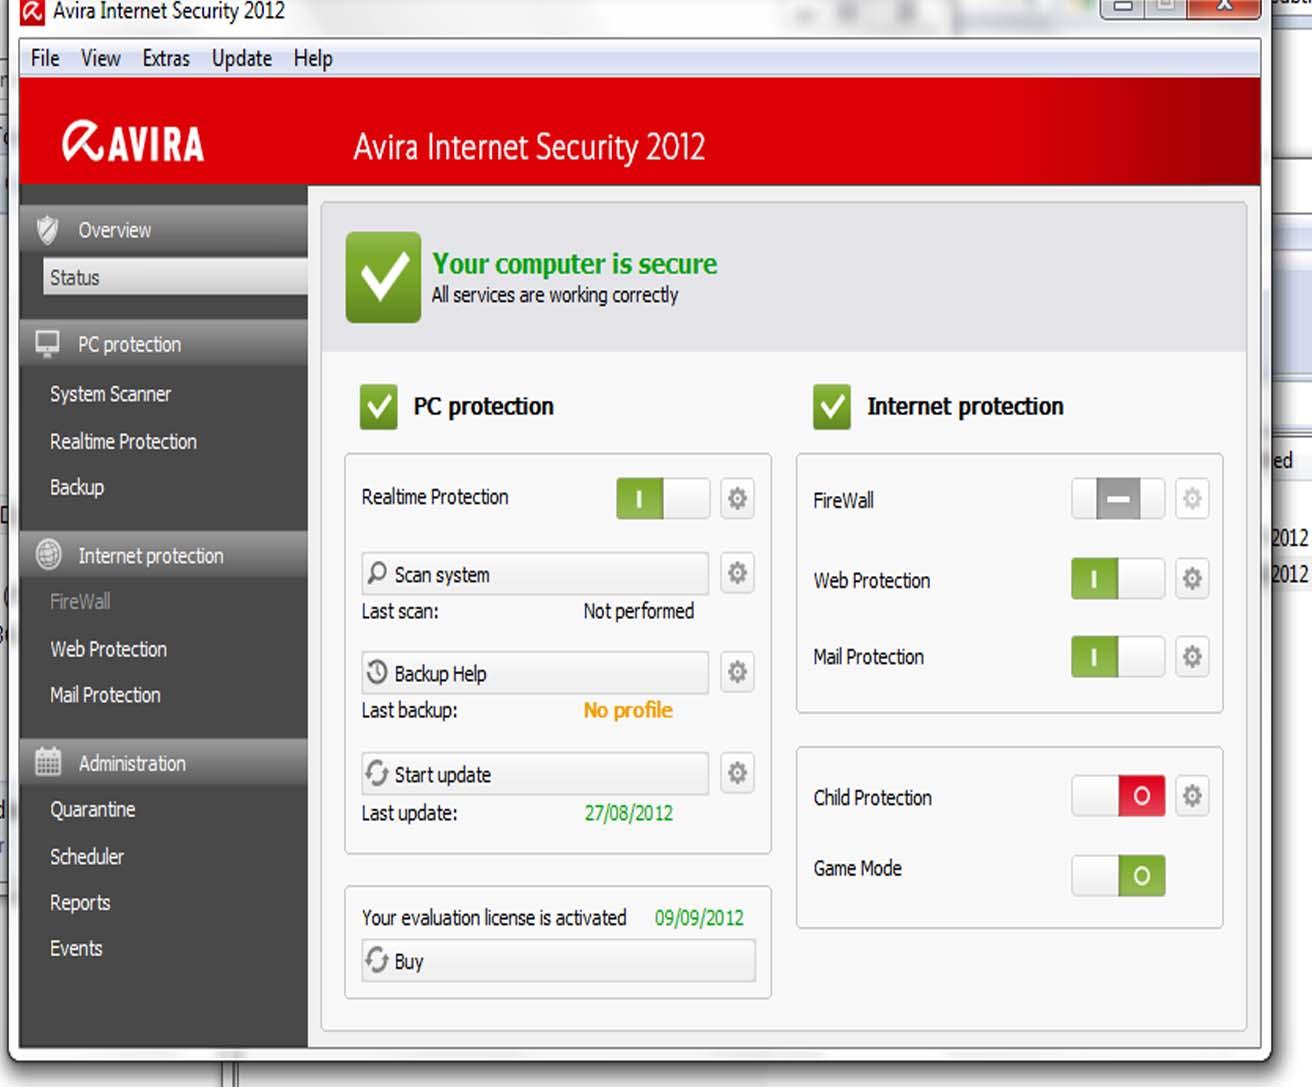 Avira Antivirus Premium 2017 Full With License Key Mainewemens Blog Anti Virus Mcafee Internet Security 3 Tahun 1 User